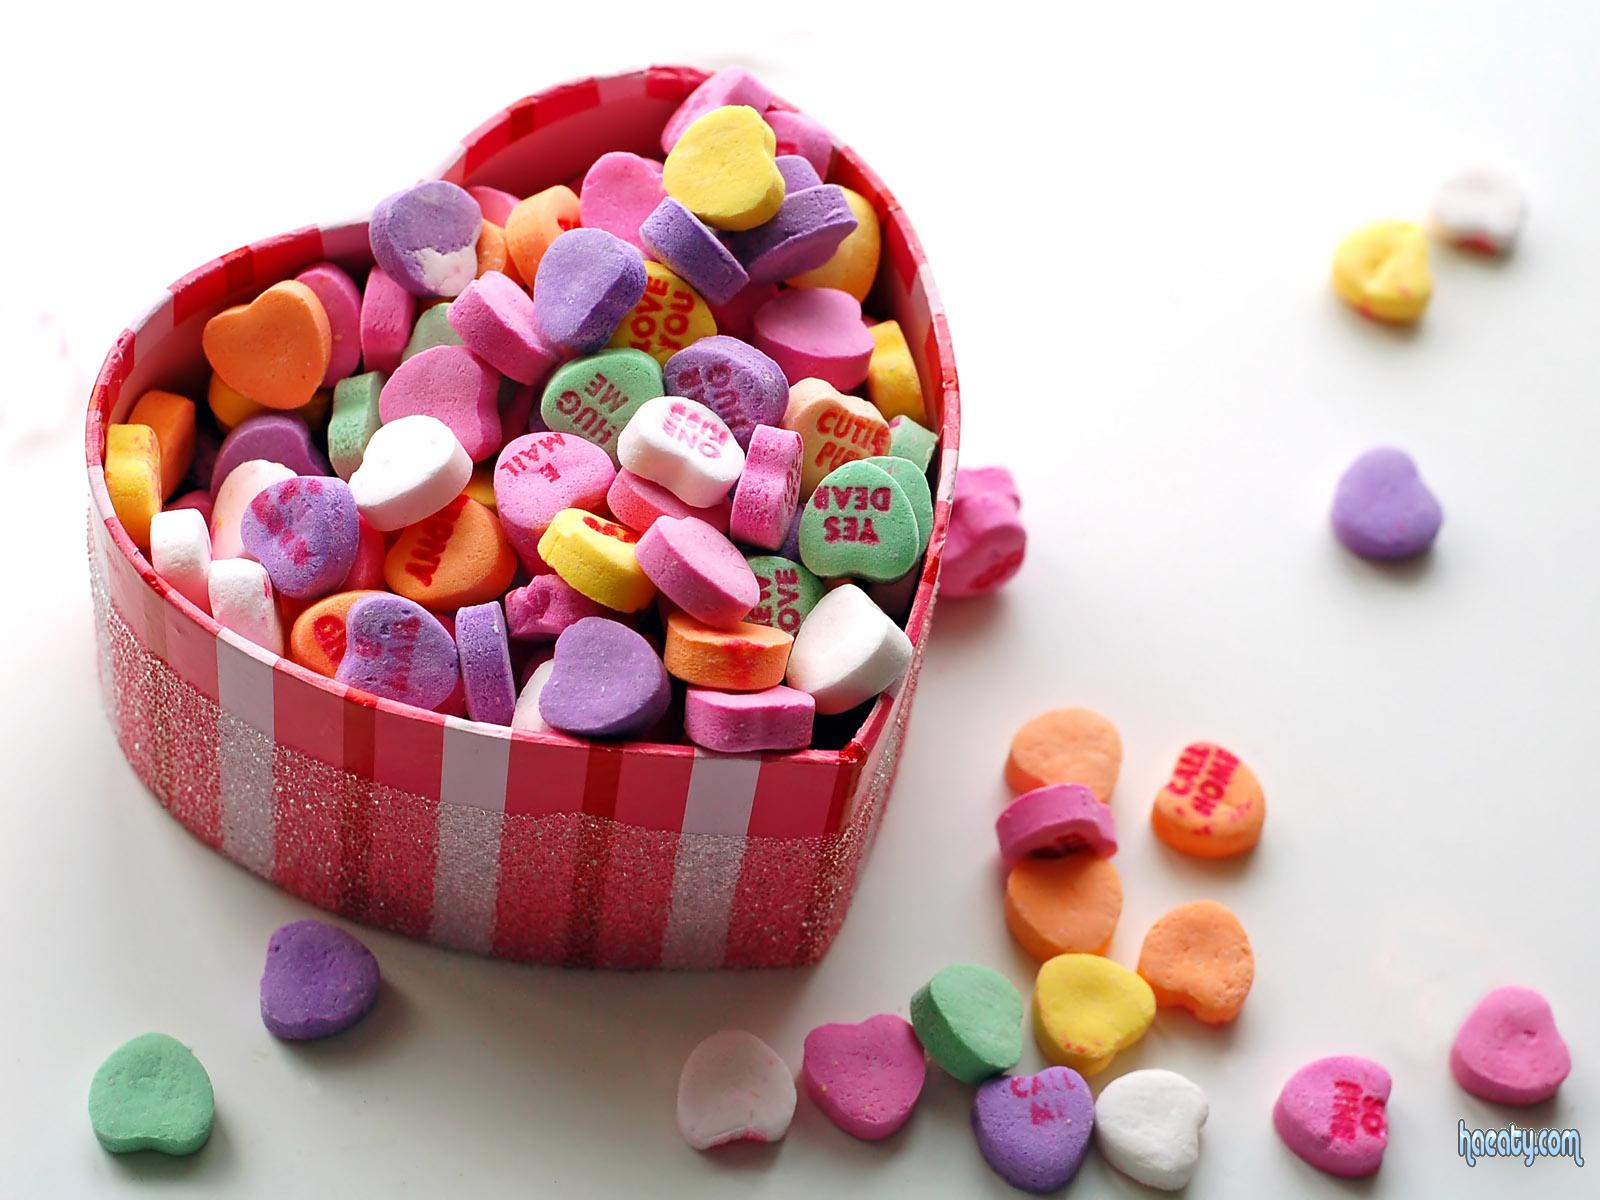 2014 رومانسية 2014 ,Pictures romantic 1377781870553.jpg